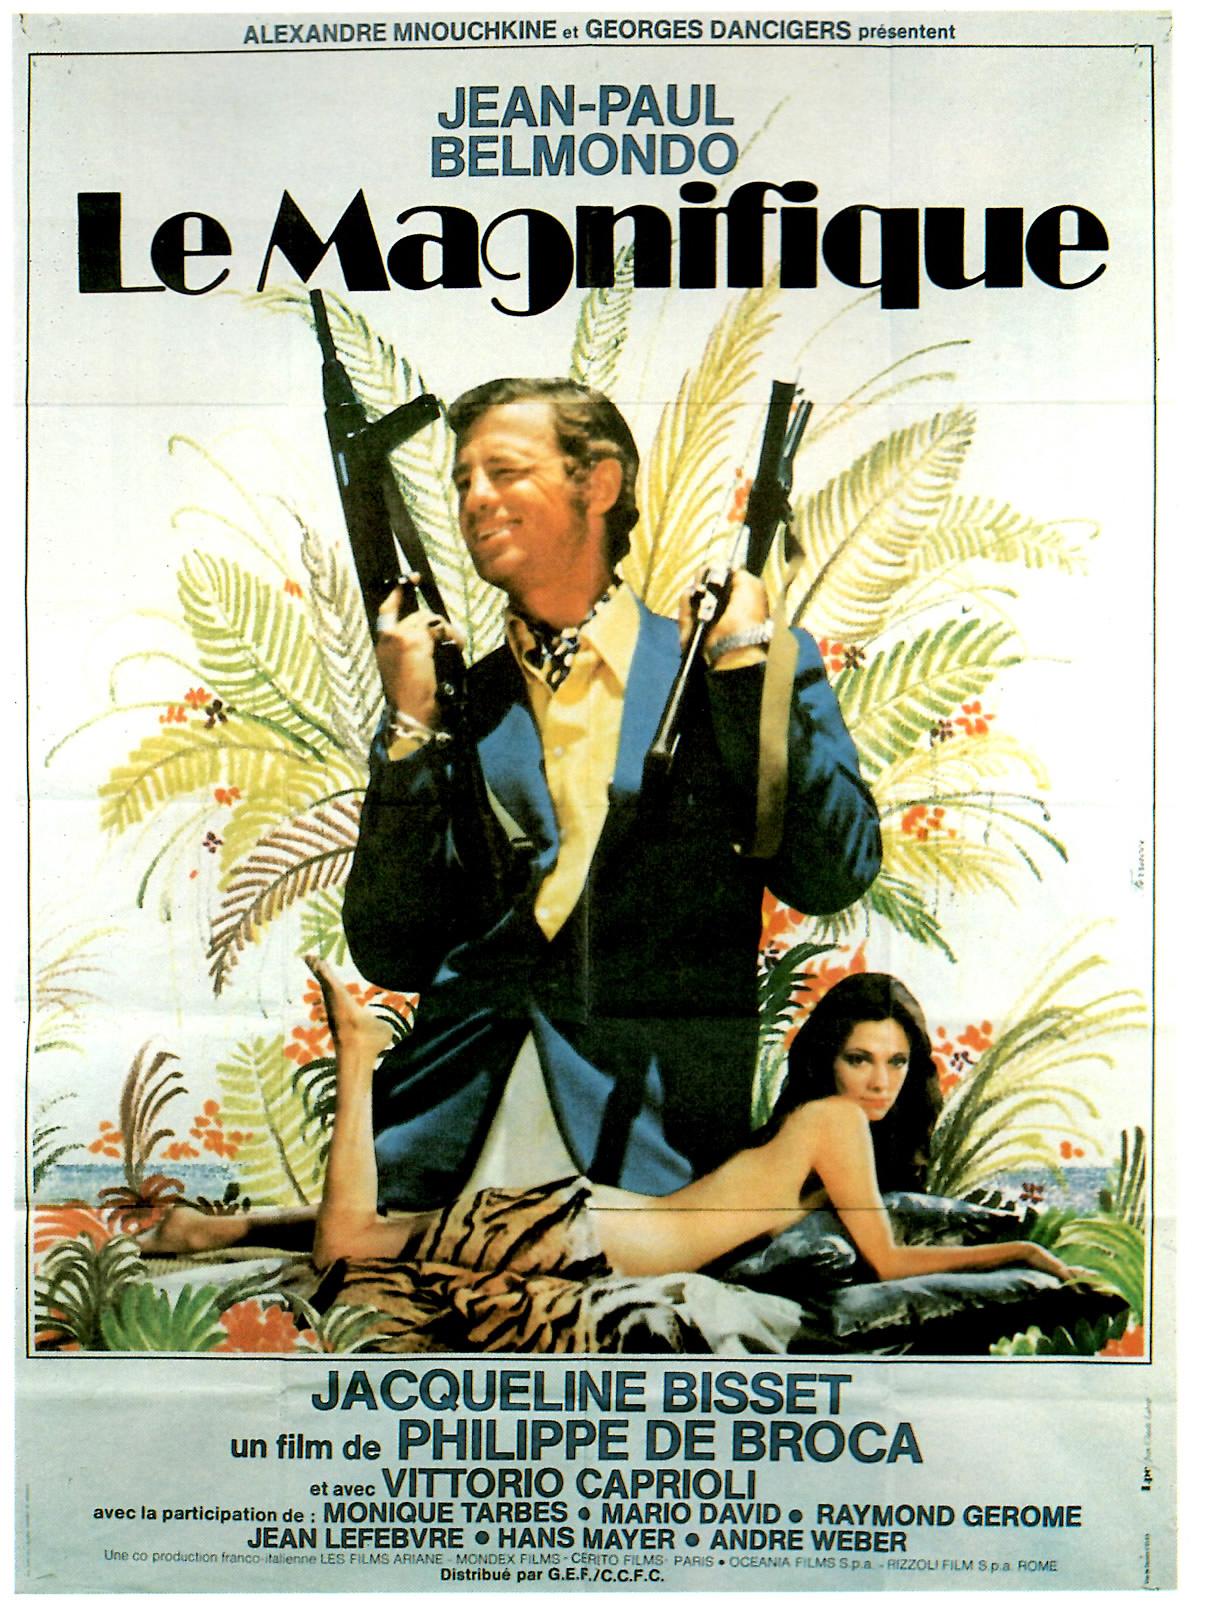 Affiche du film Le Magnifique de Philippe de Broca et avec Jean-Paul Belmondo